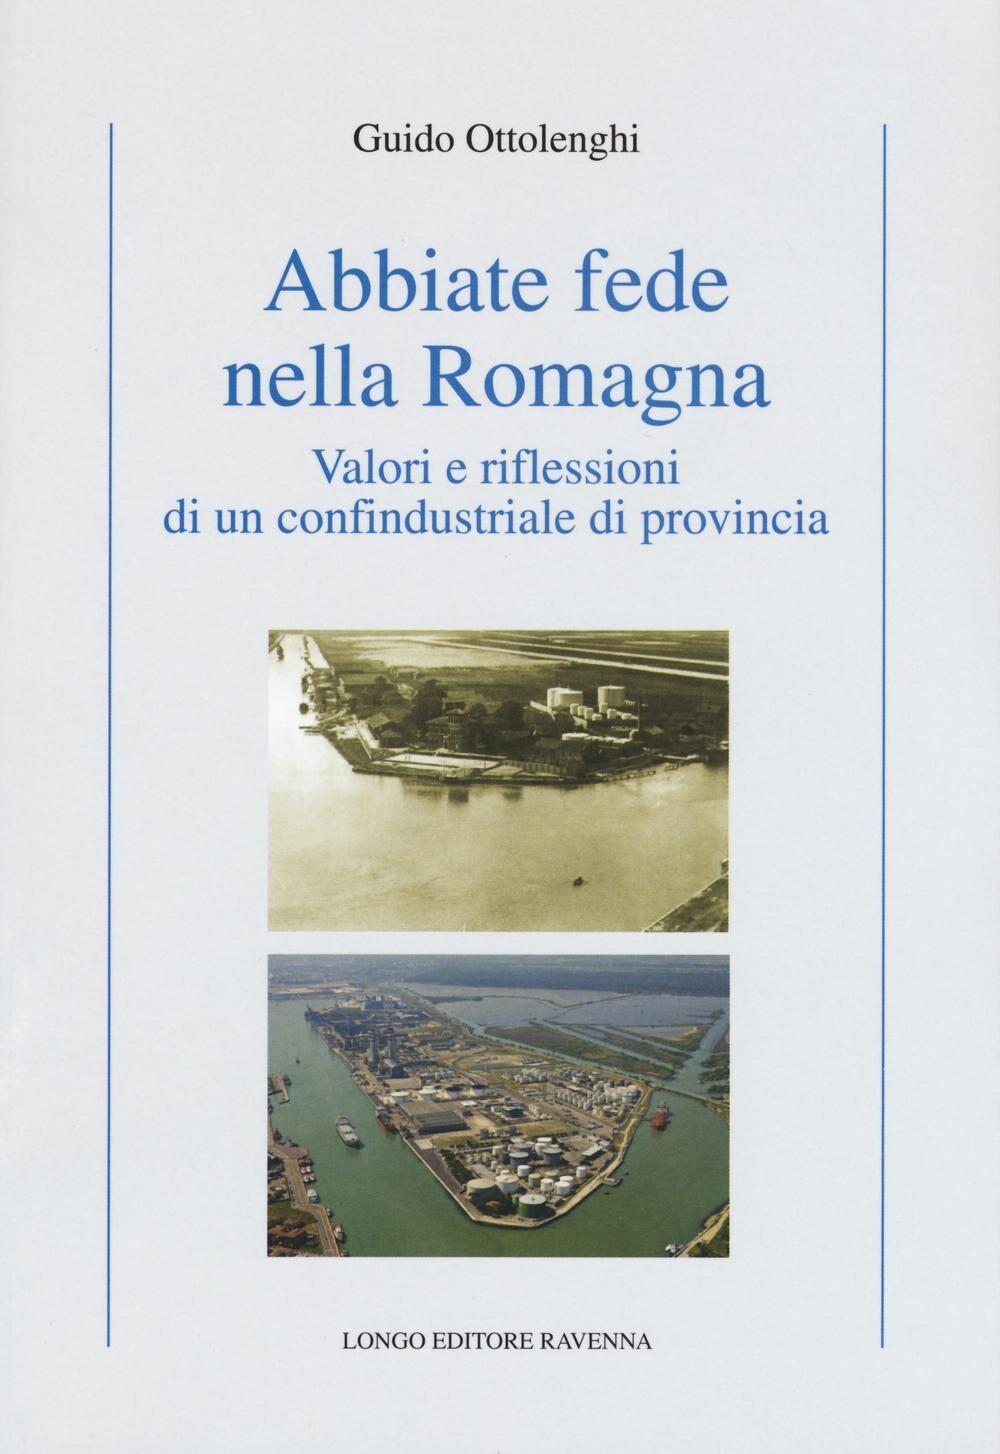 Abbiate fede nella Romagna. Valori e riflessioni di un confindustriale di provincia